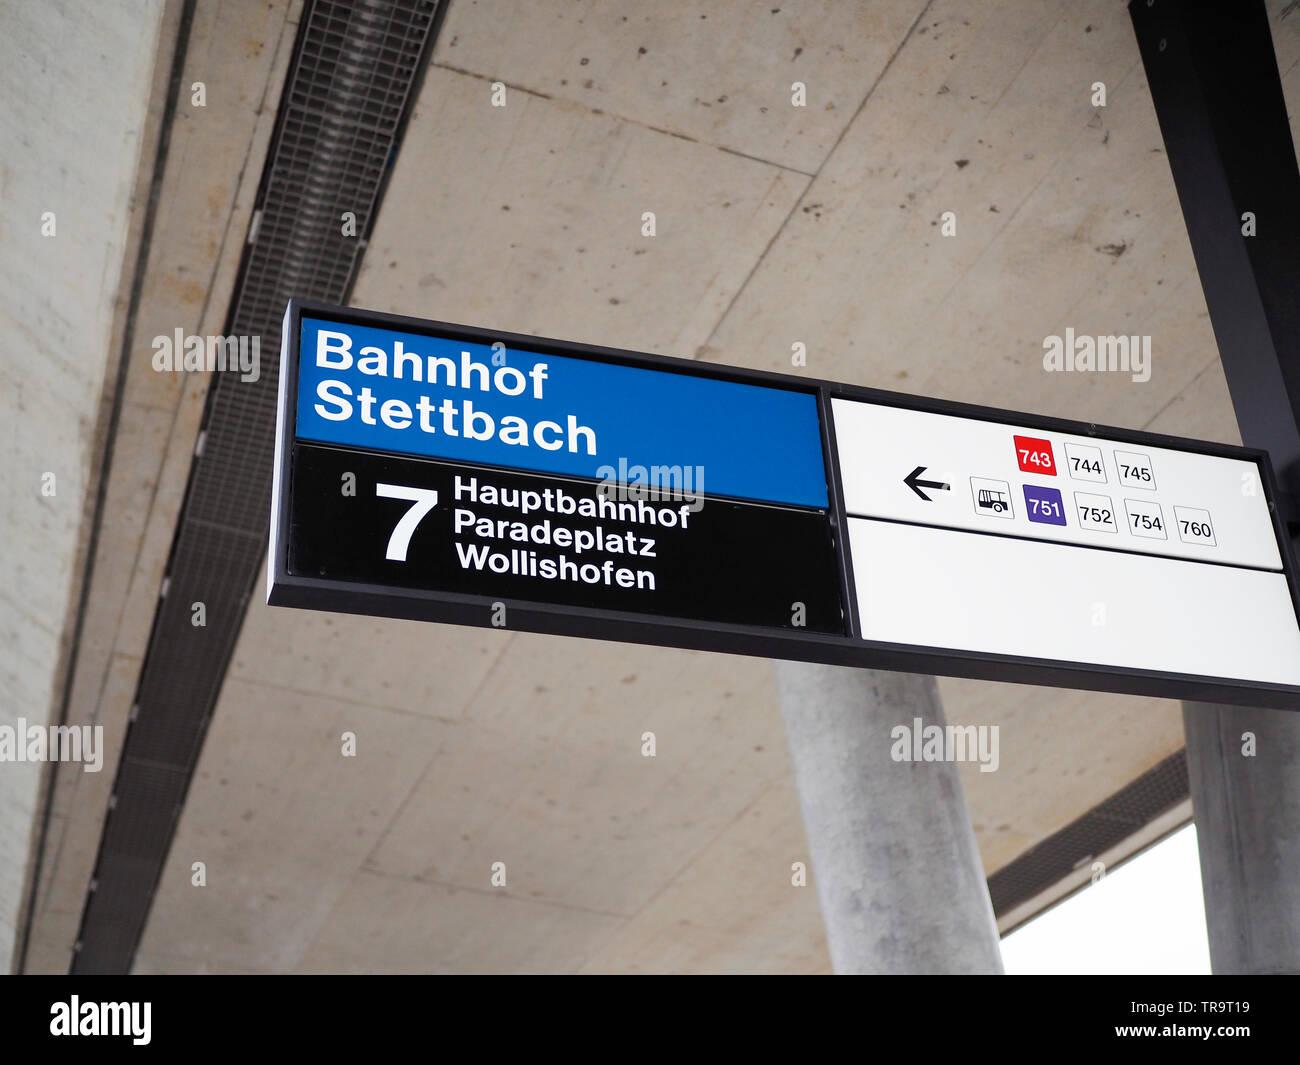 7er-Tramhaltestelle, Bahnhof Stettbach, Zurigo, Schweiz Immagini Stock